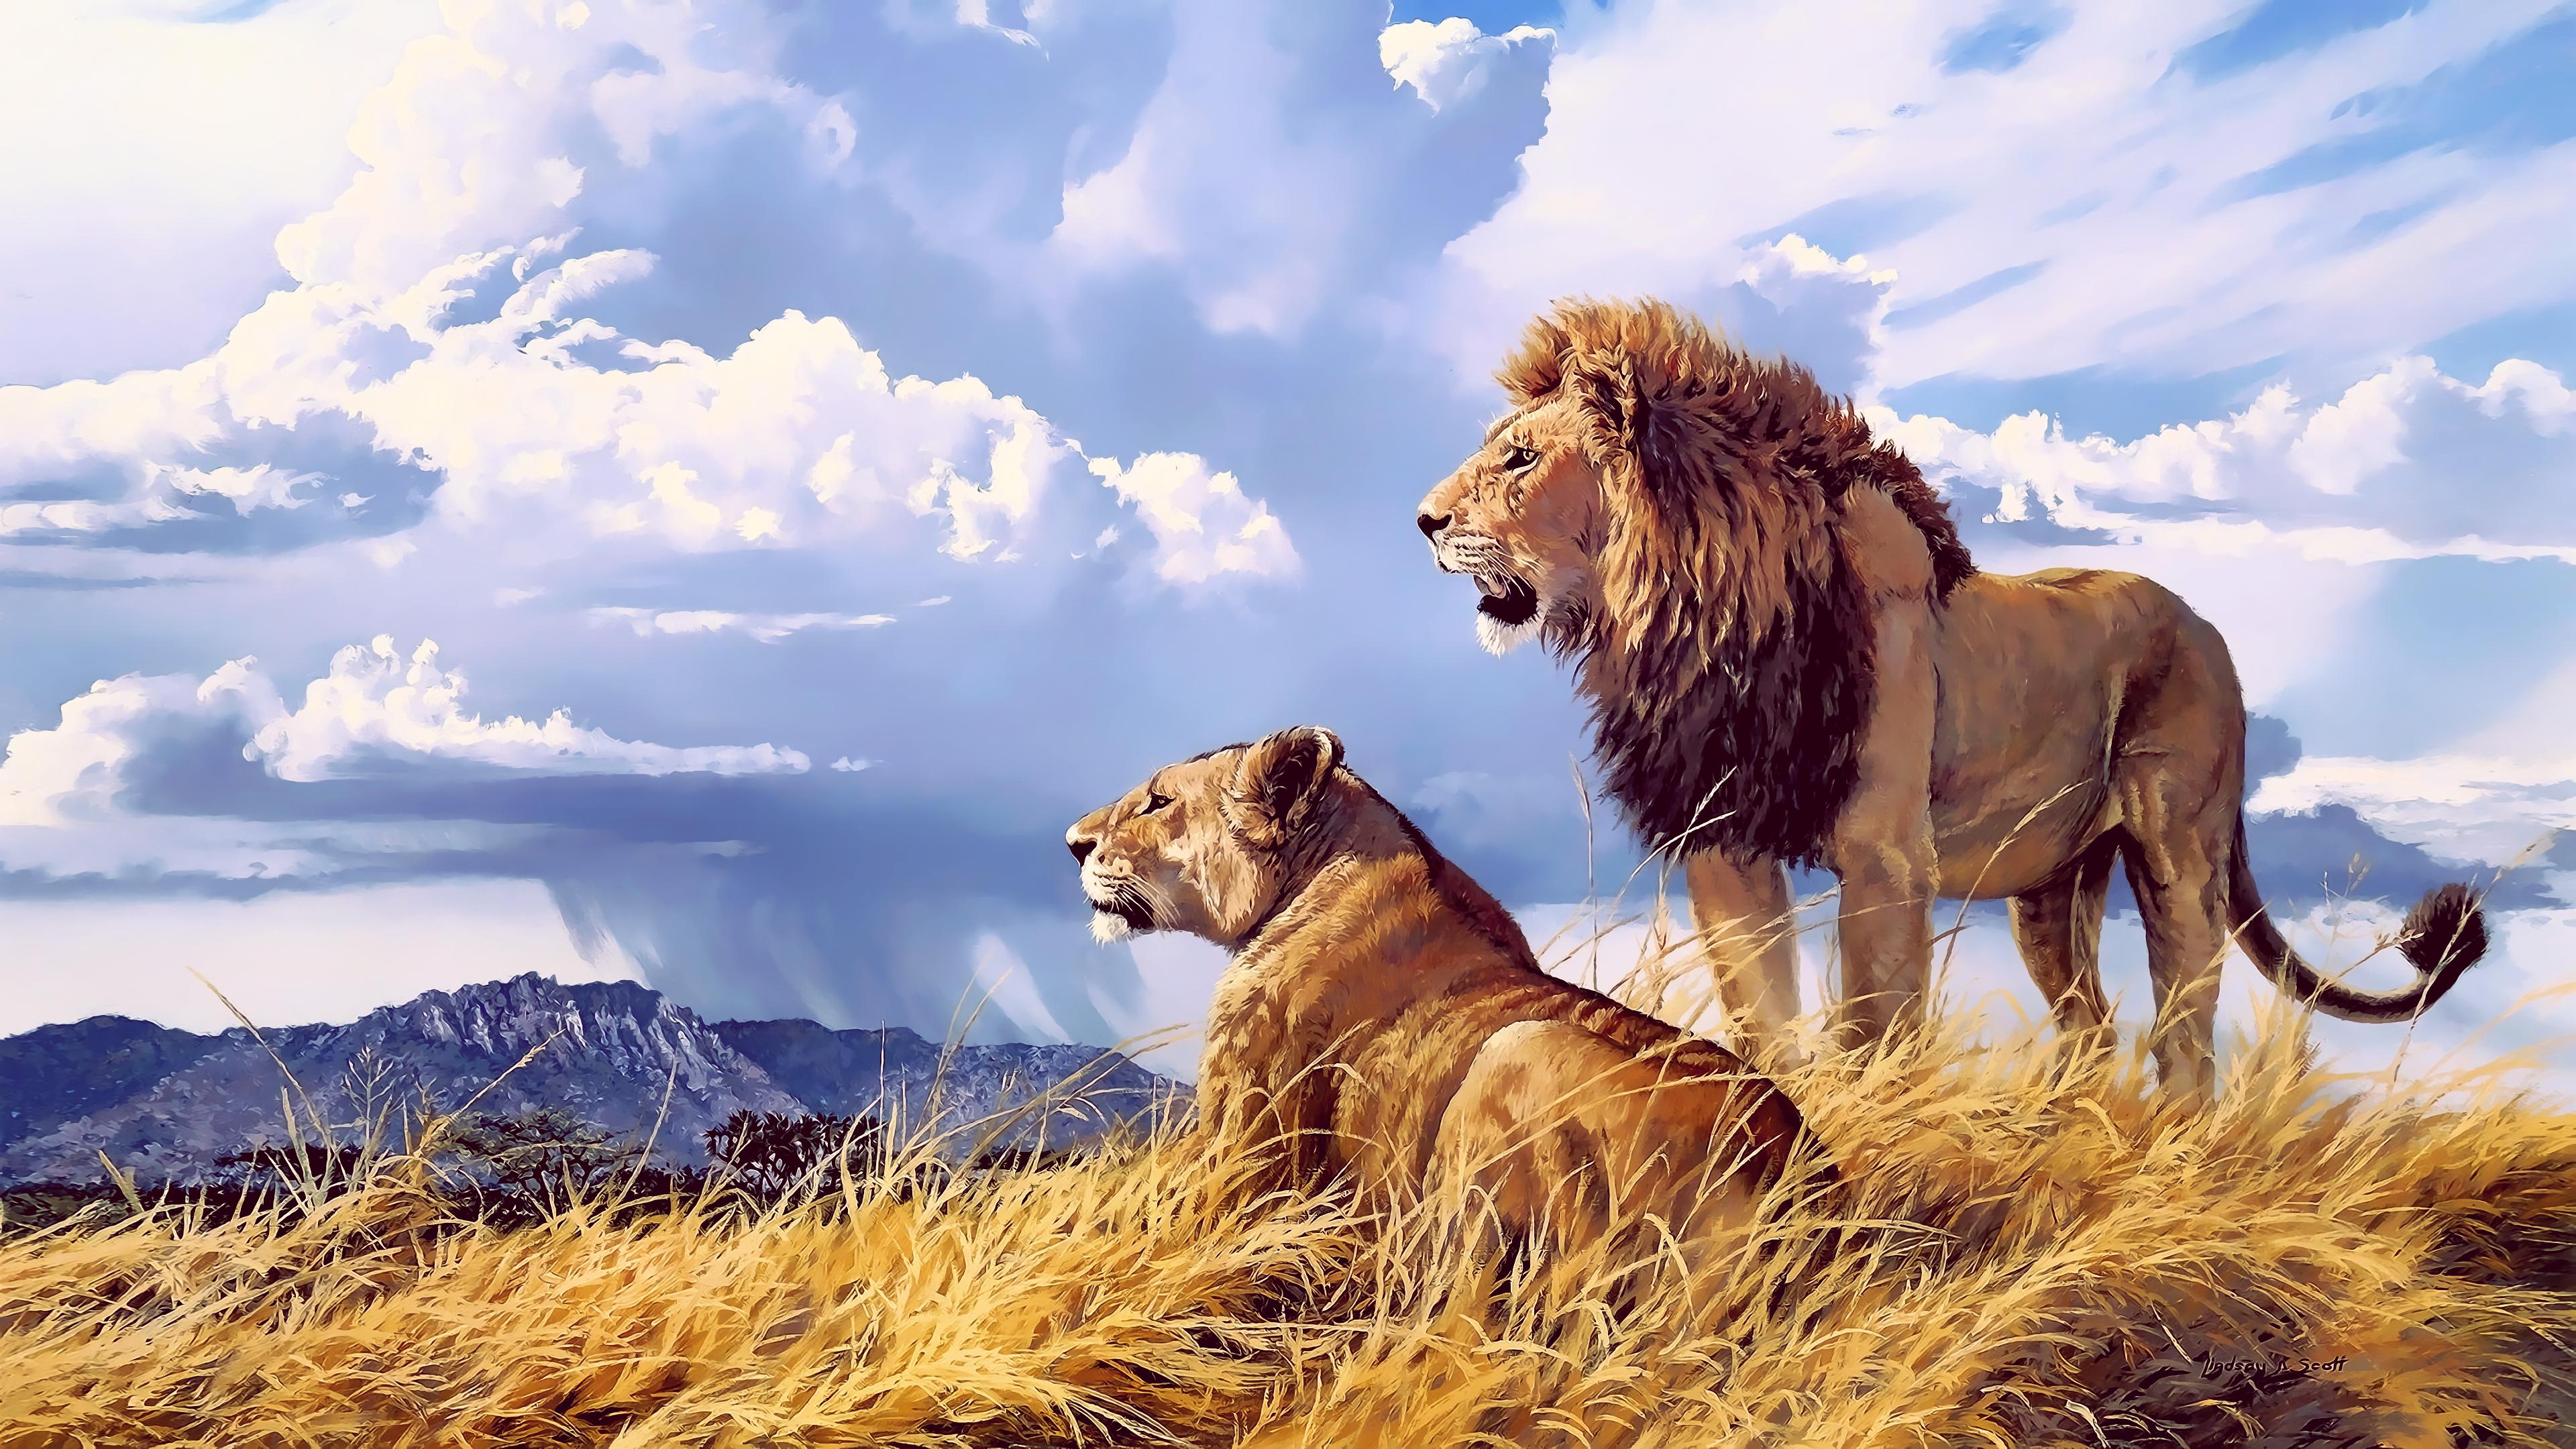 Lion lioness artwork 4k hd animals 4k wallpapers images - Lion 4k wallpaper for mobile ...